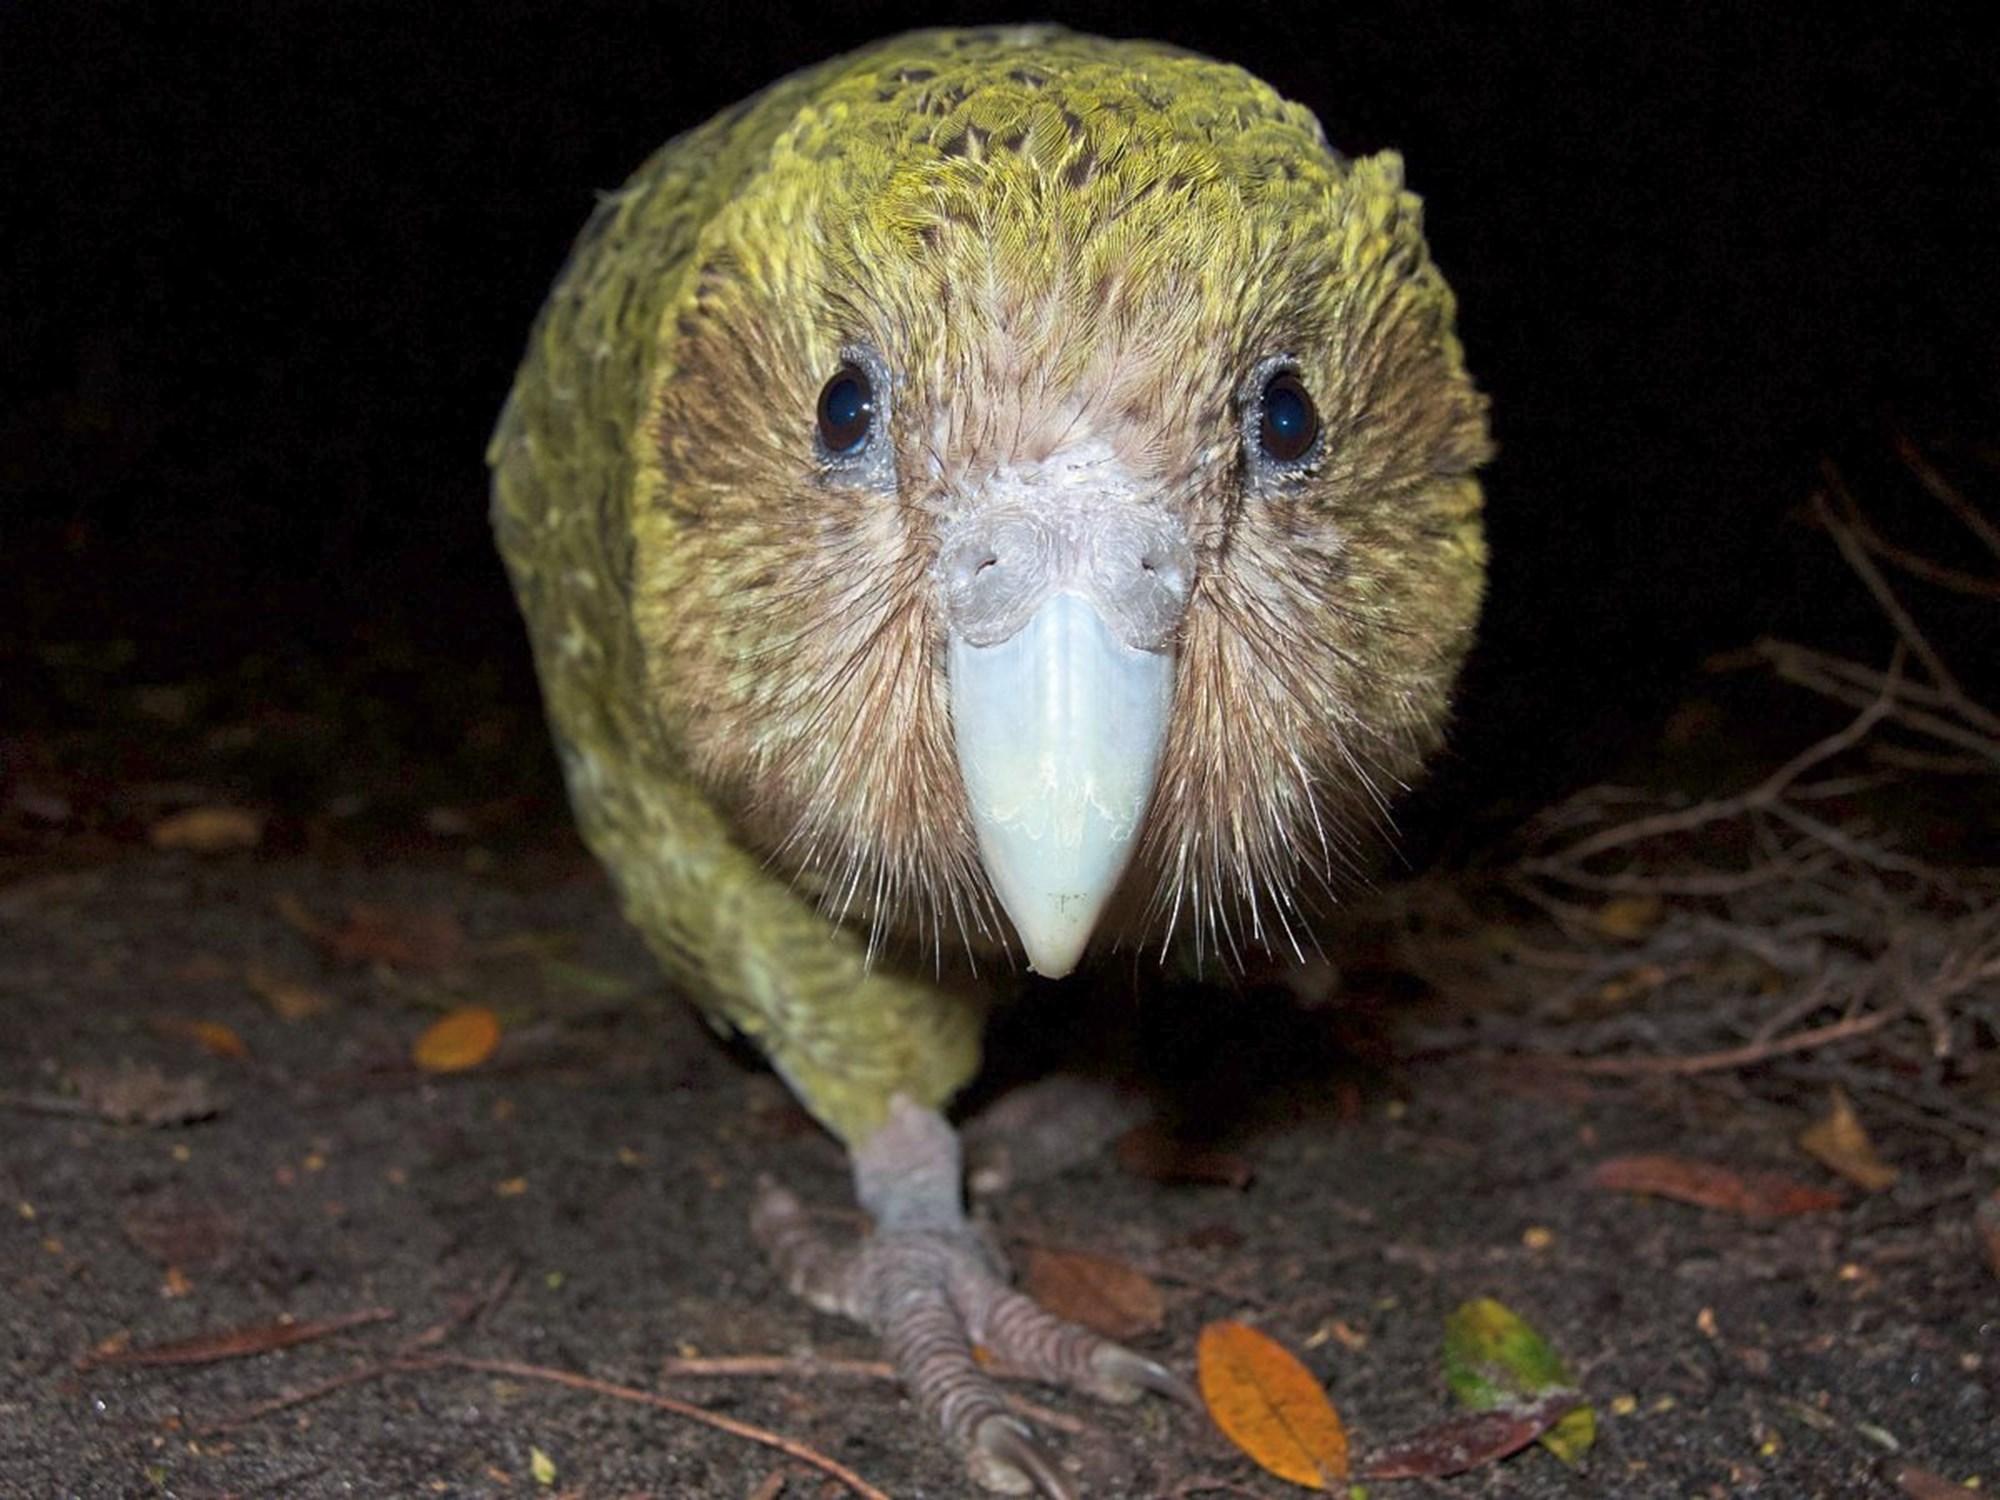 Rekord-Brutsaison für den weltweit einzigen flugunfähigen Papagei – derStandard.at